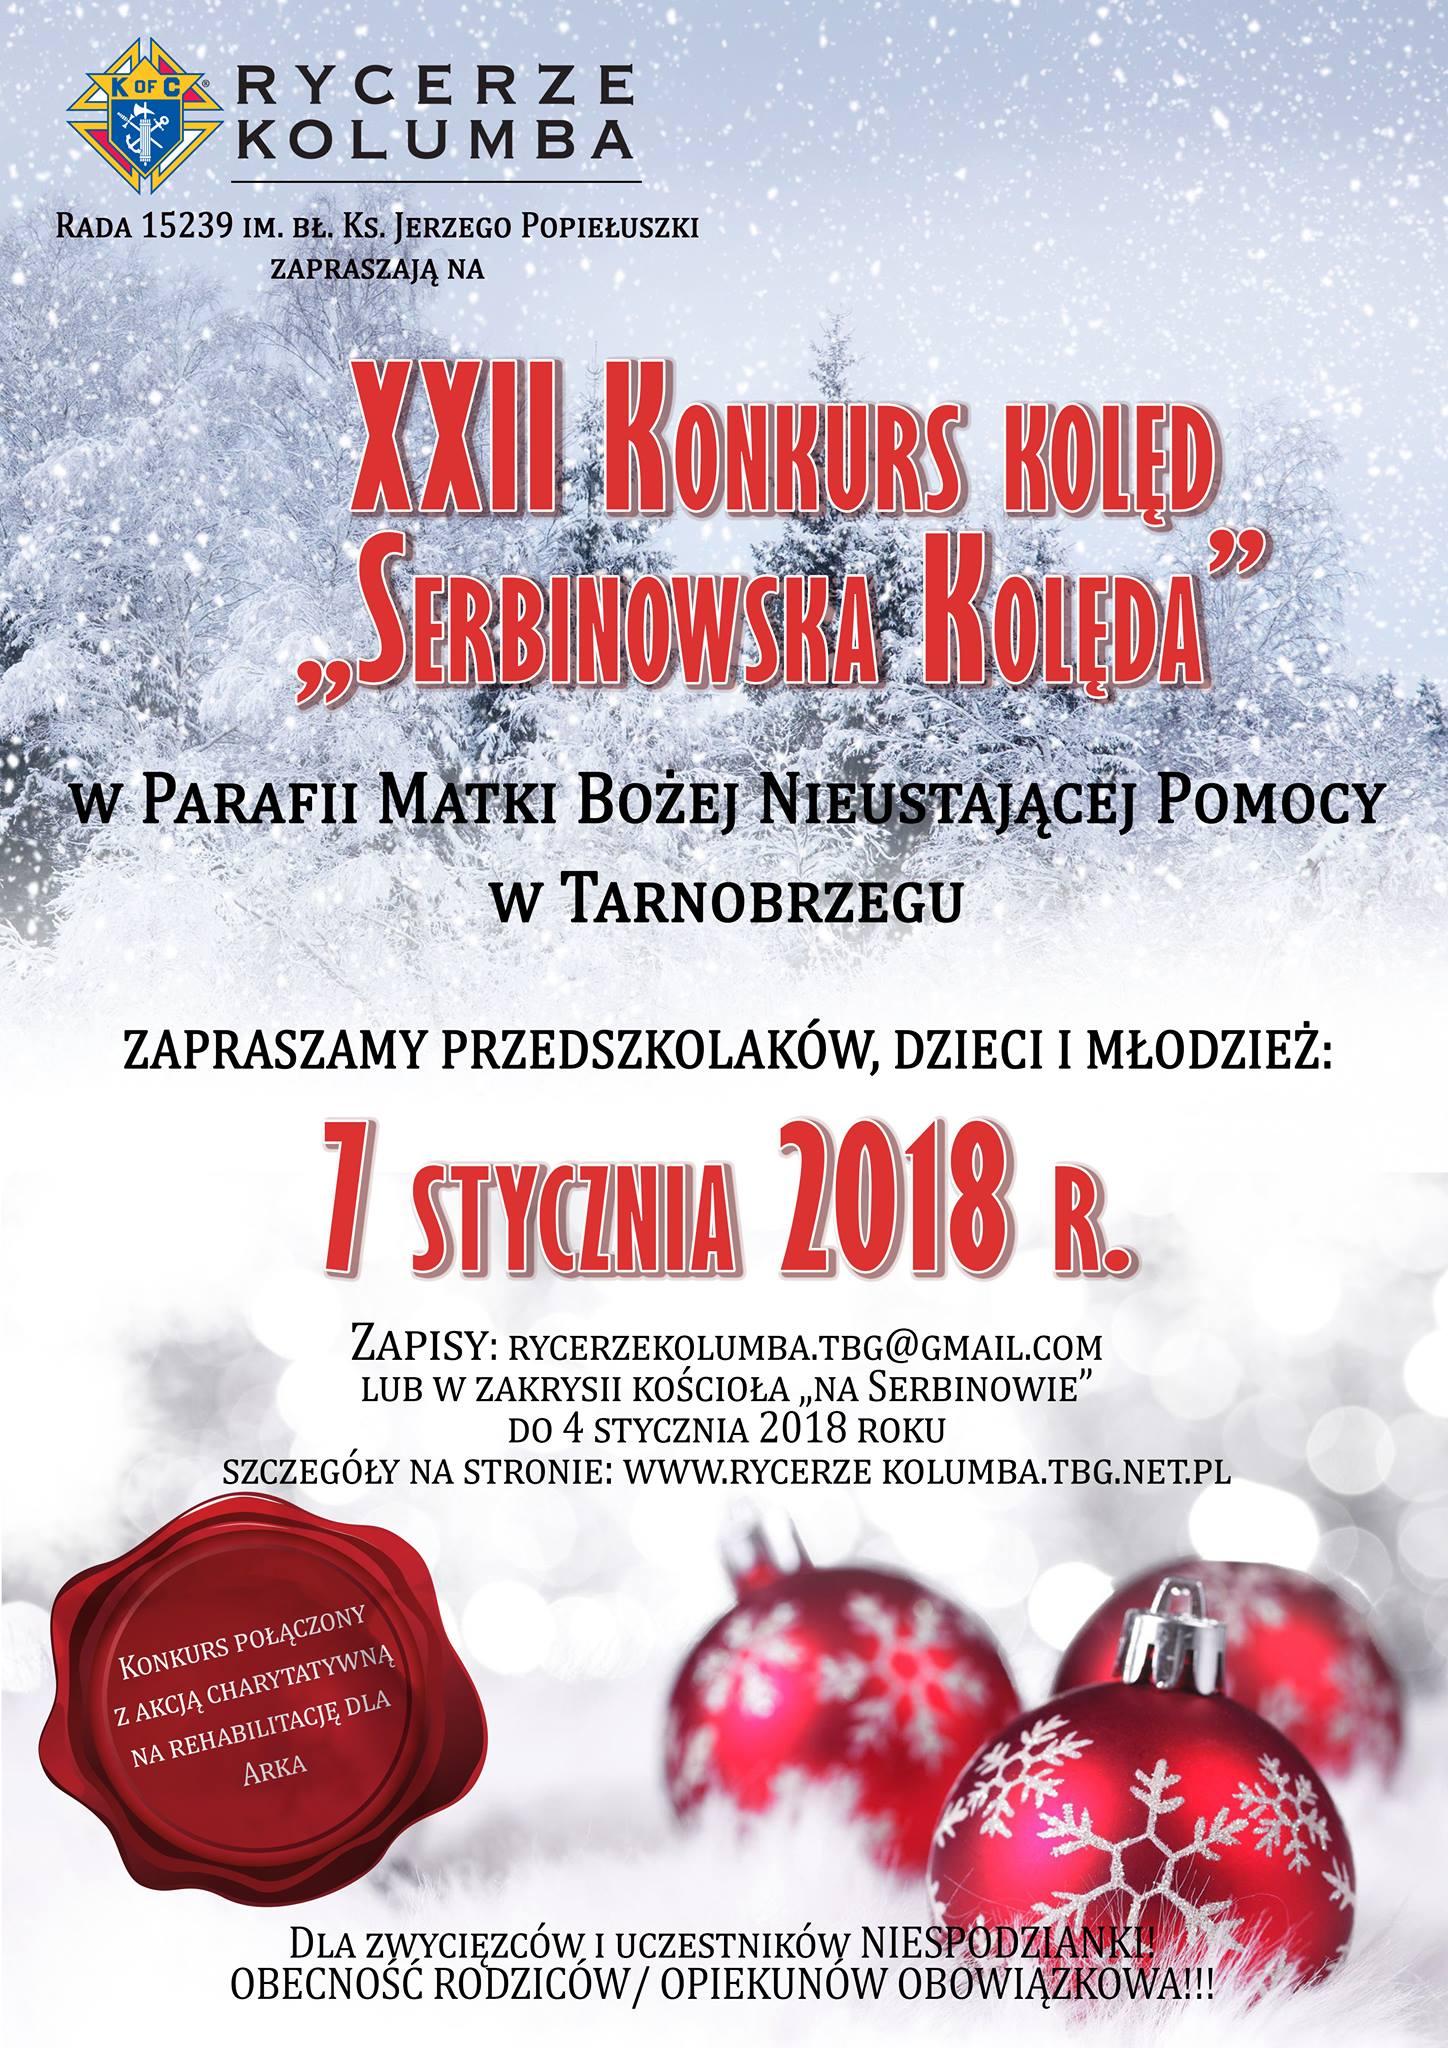 XXII Serbinowska Koleda